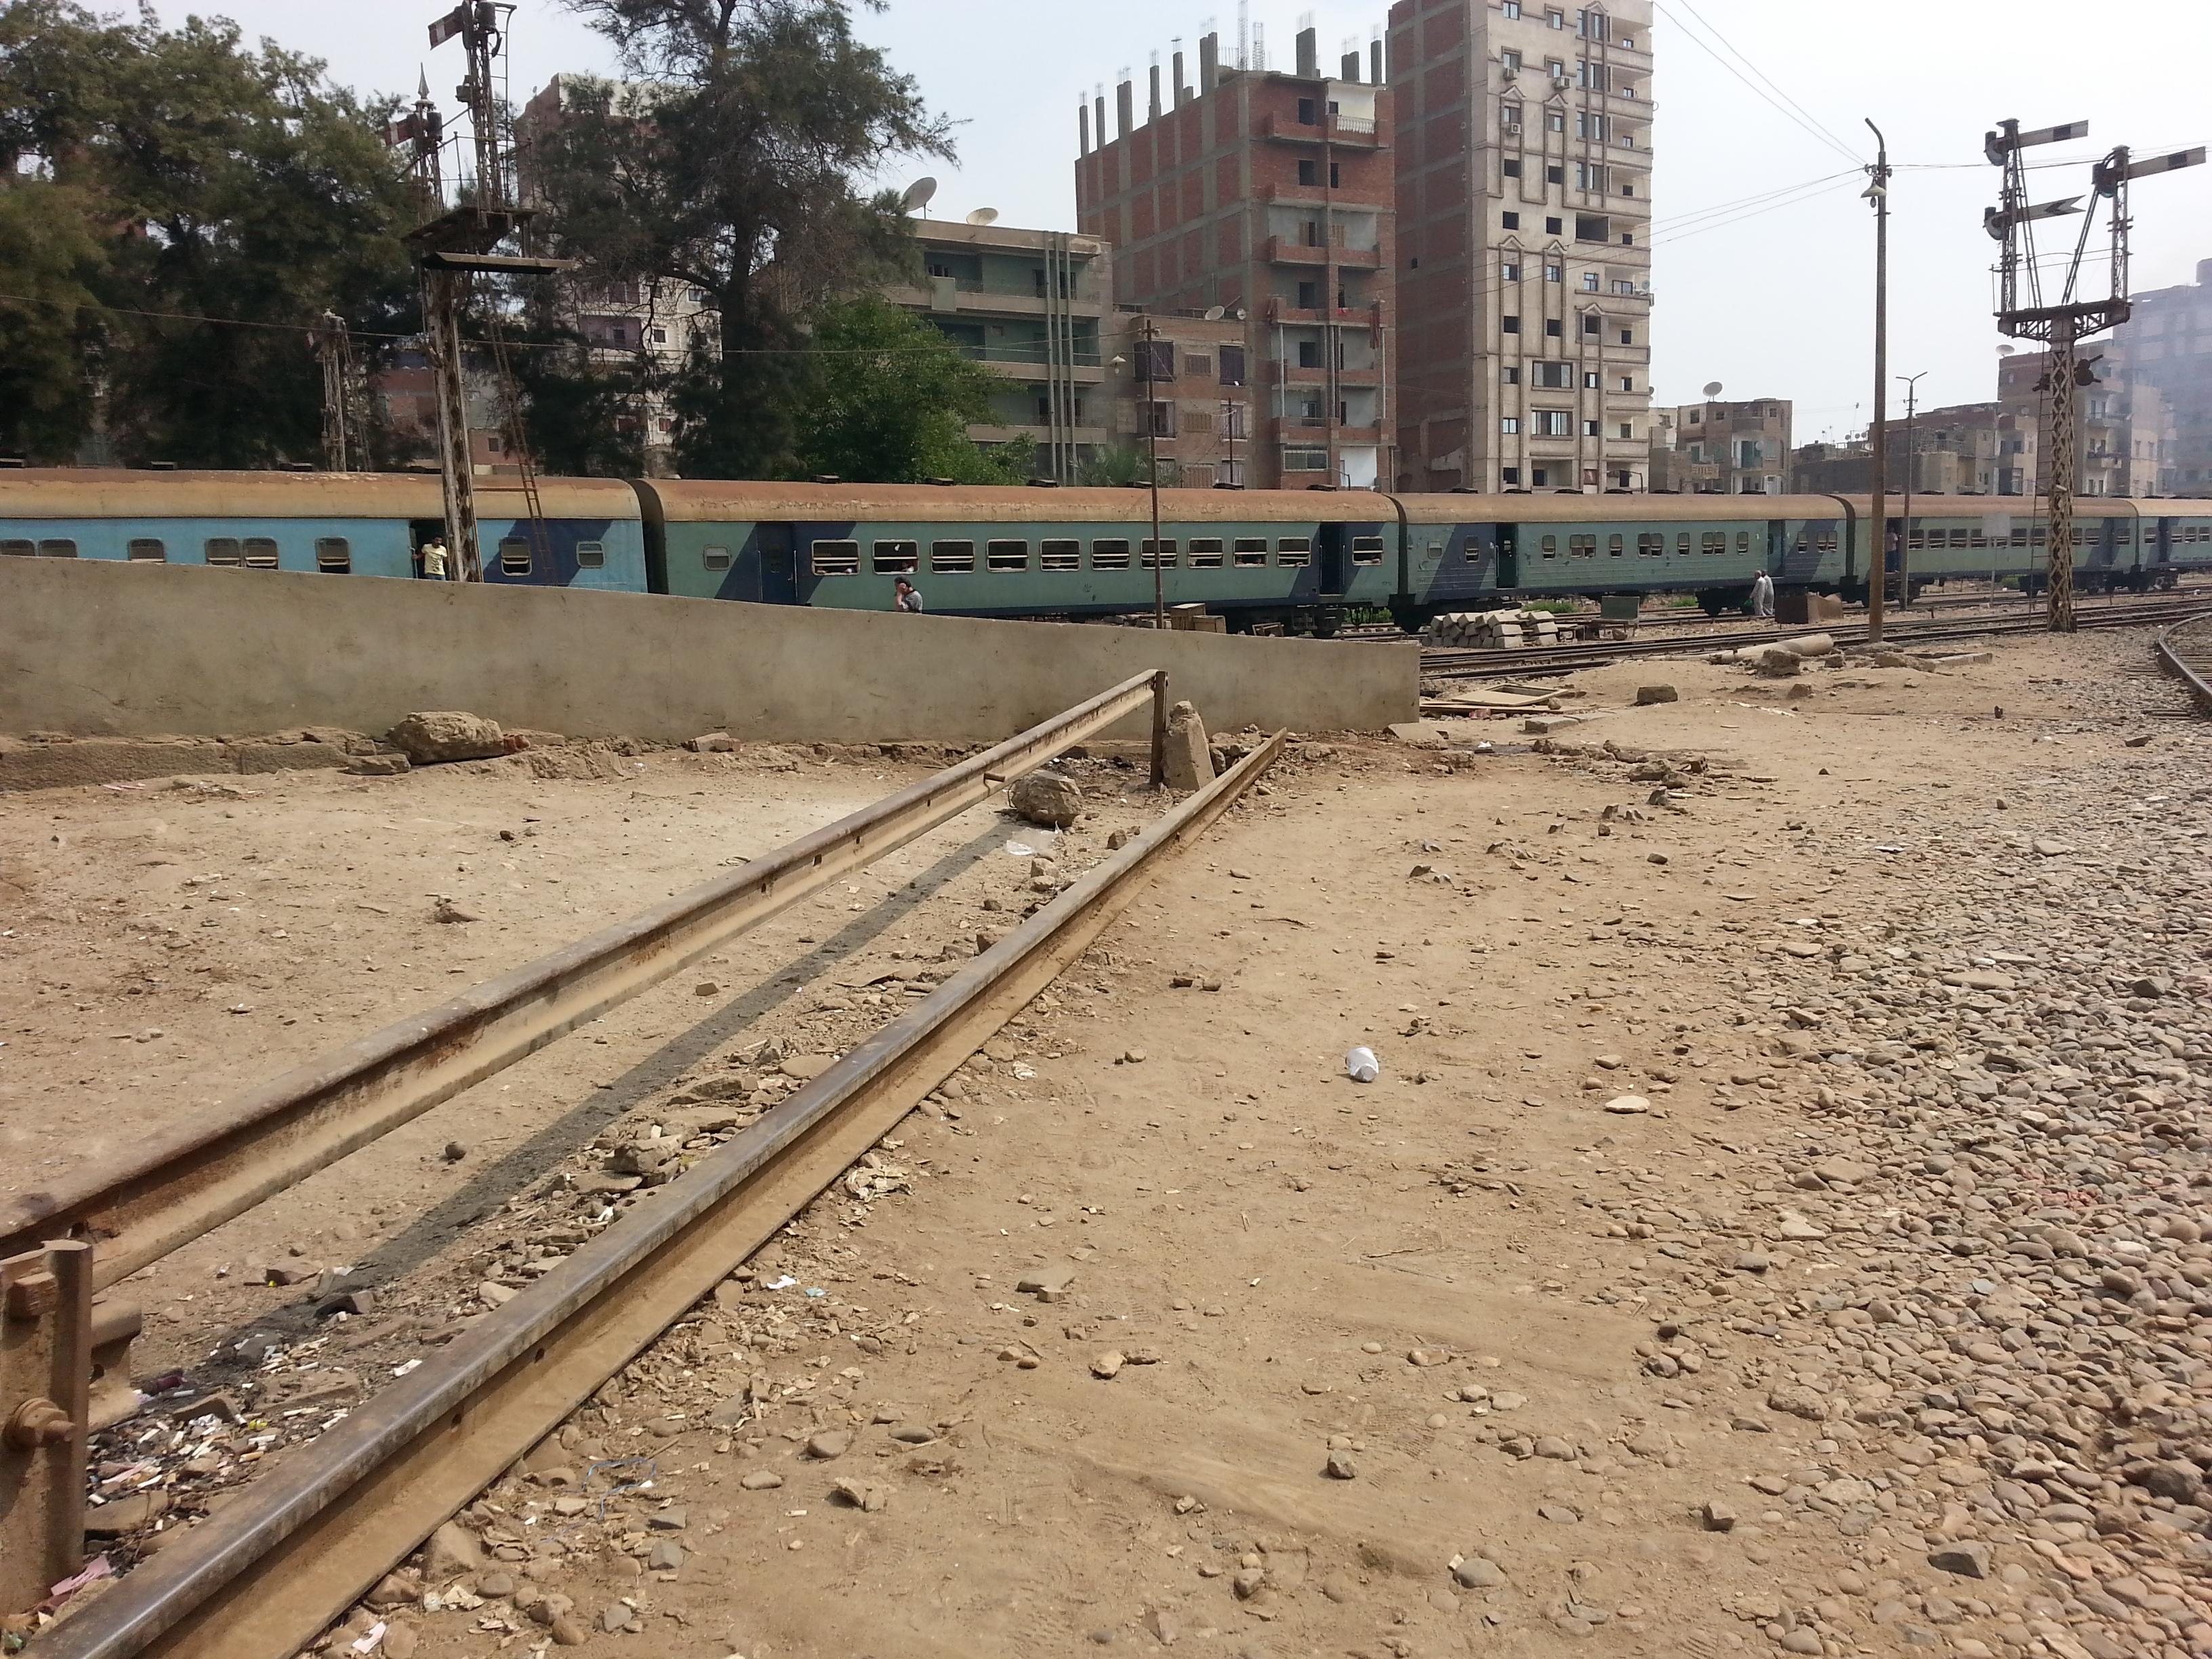 صورة مواعيد قطارات مرسى مطروح القاهرة 2018